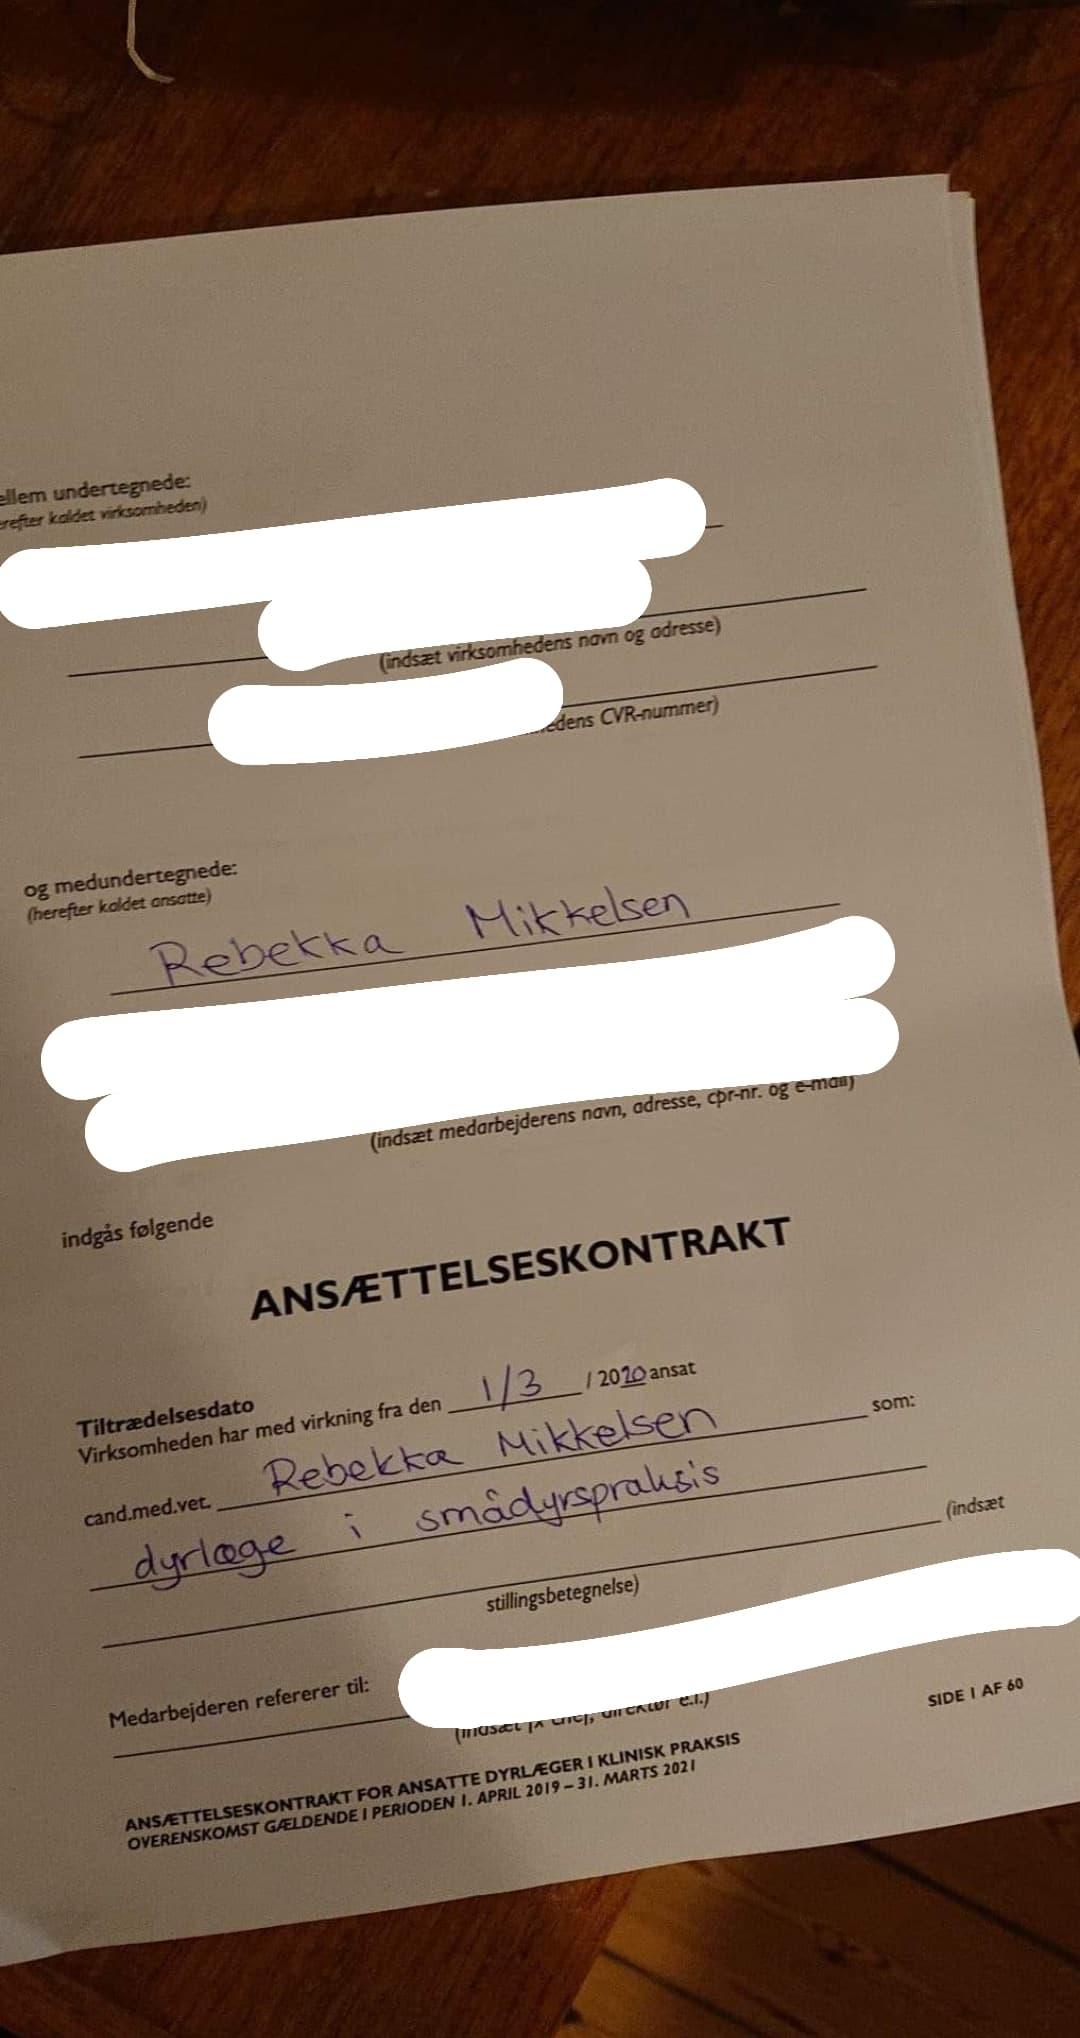 Tirsdagstanker om at sige sit job op - Rebekka Mikkelsen